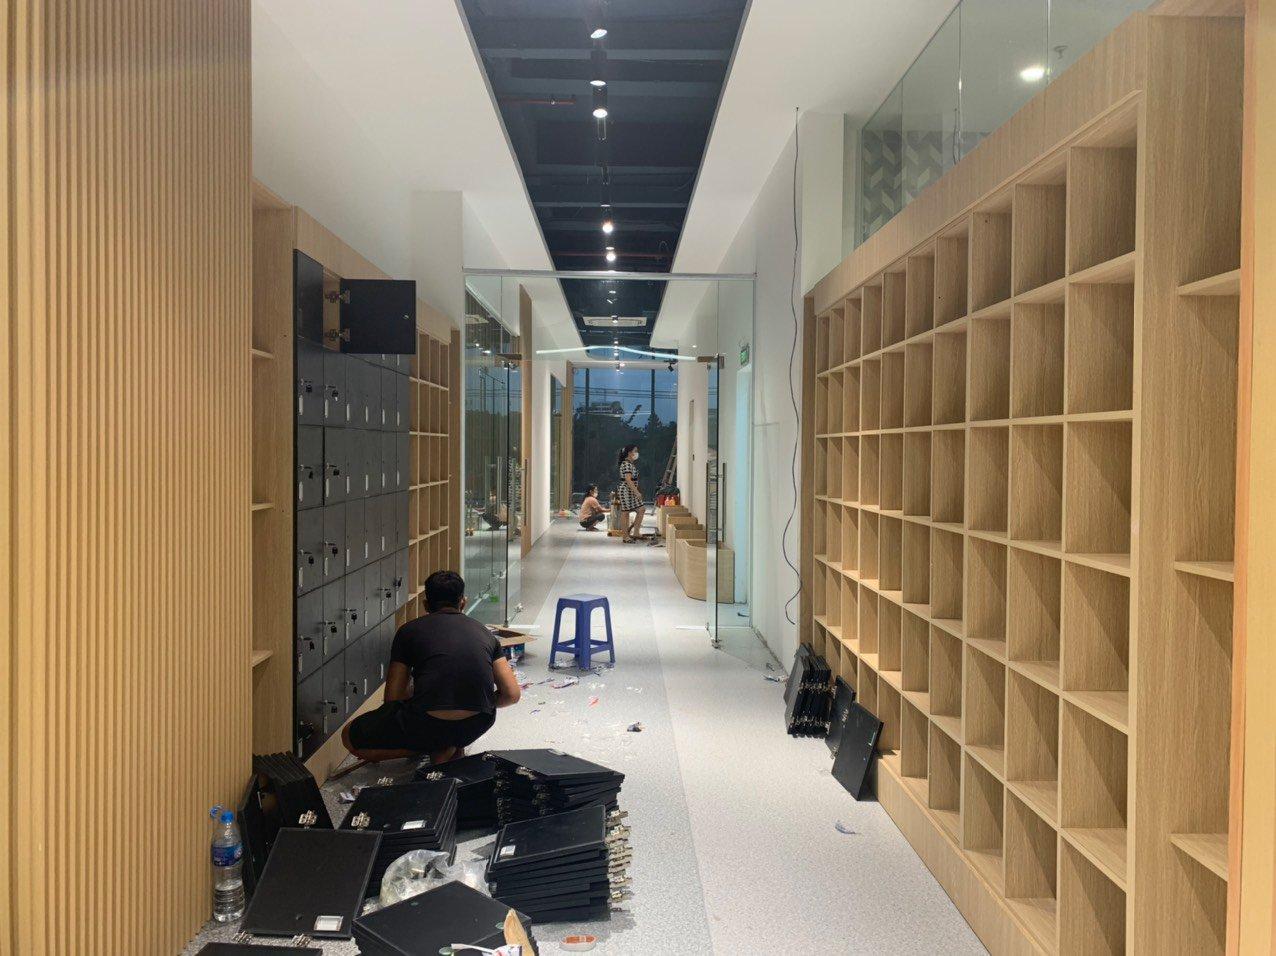 Lắp đặt tủ gỗ đựng đồ cho viện dưỡng lão tại Hà Nội